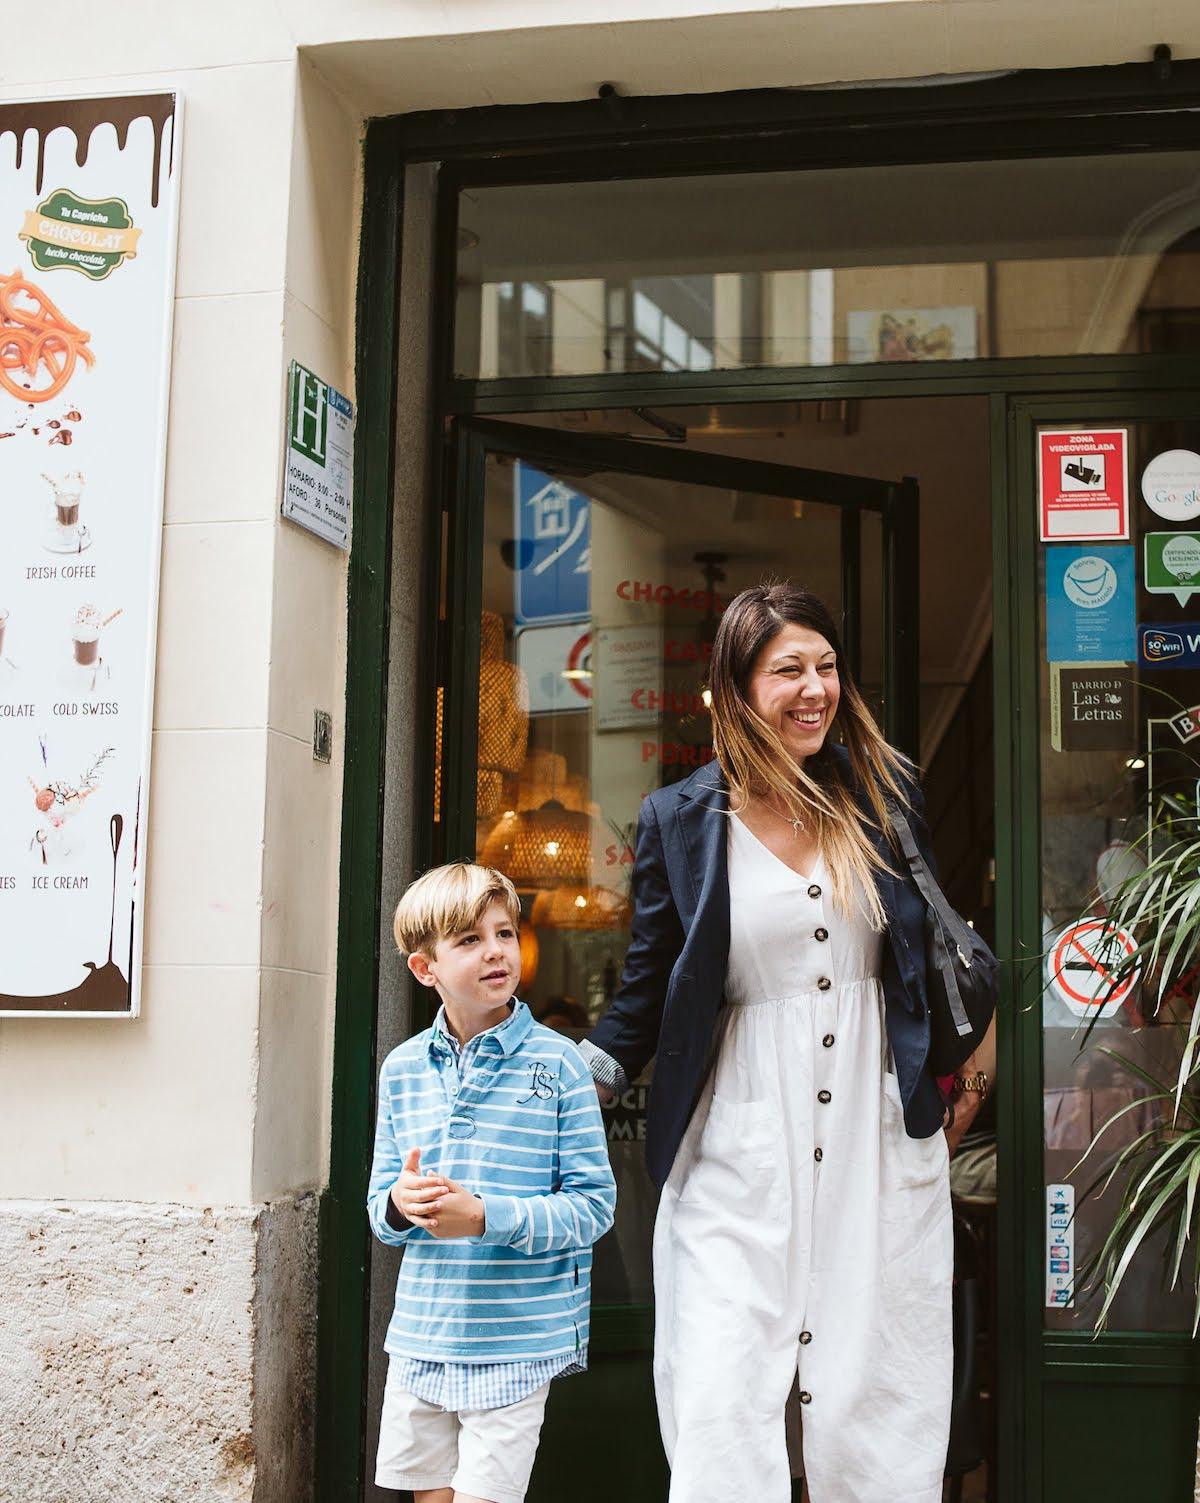 Una mujer y un niño sonriendo saliendo de un café